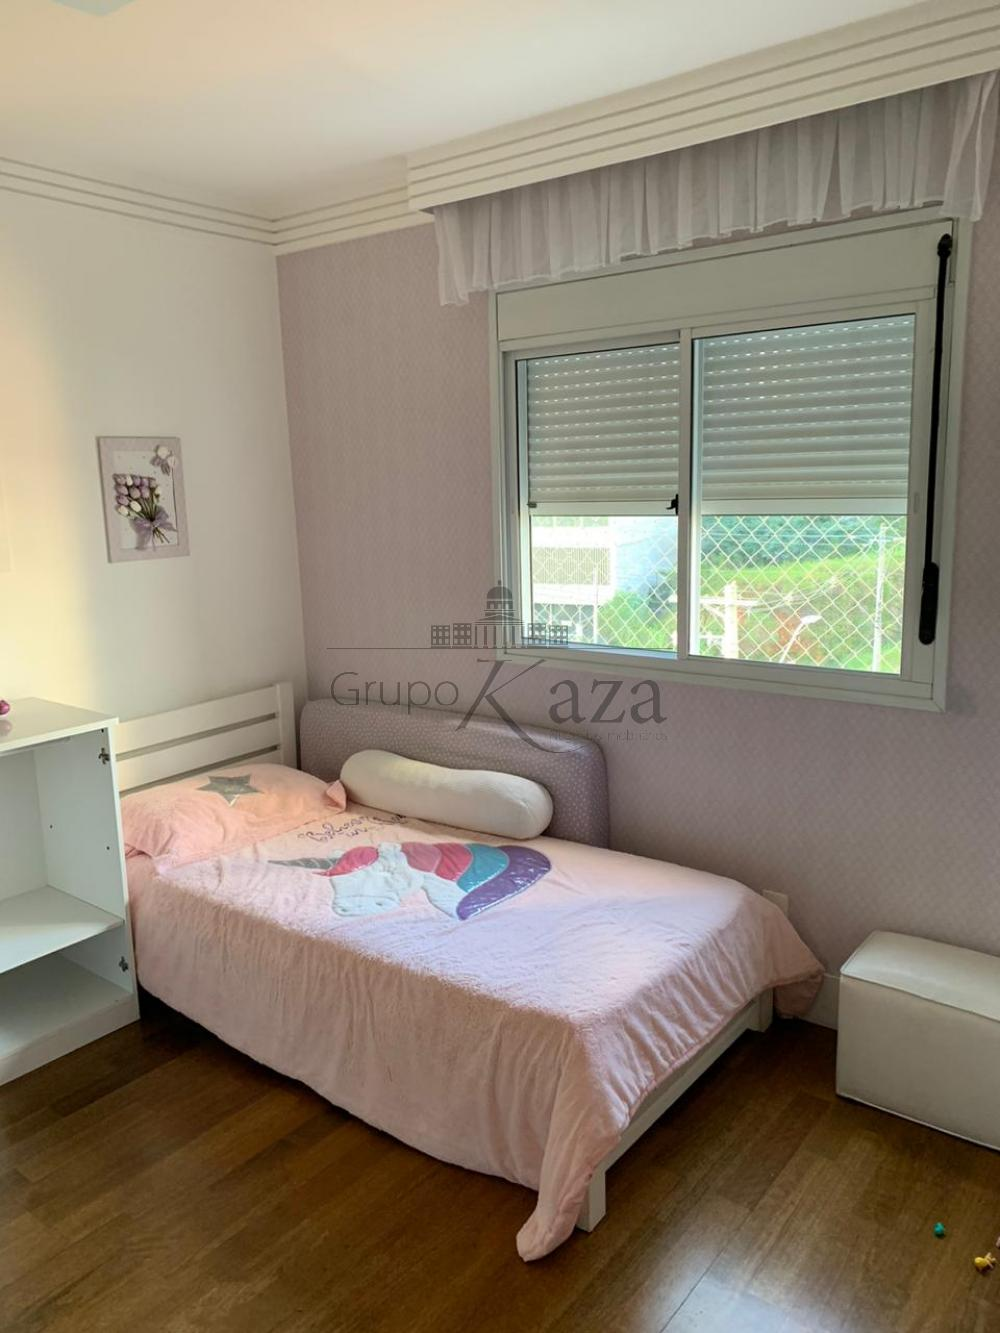 Comprar Apartamento / Padrão em São José dos Campos apenas R$ 1.200.000,00 - Foto 12